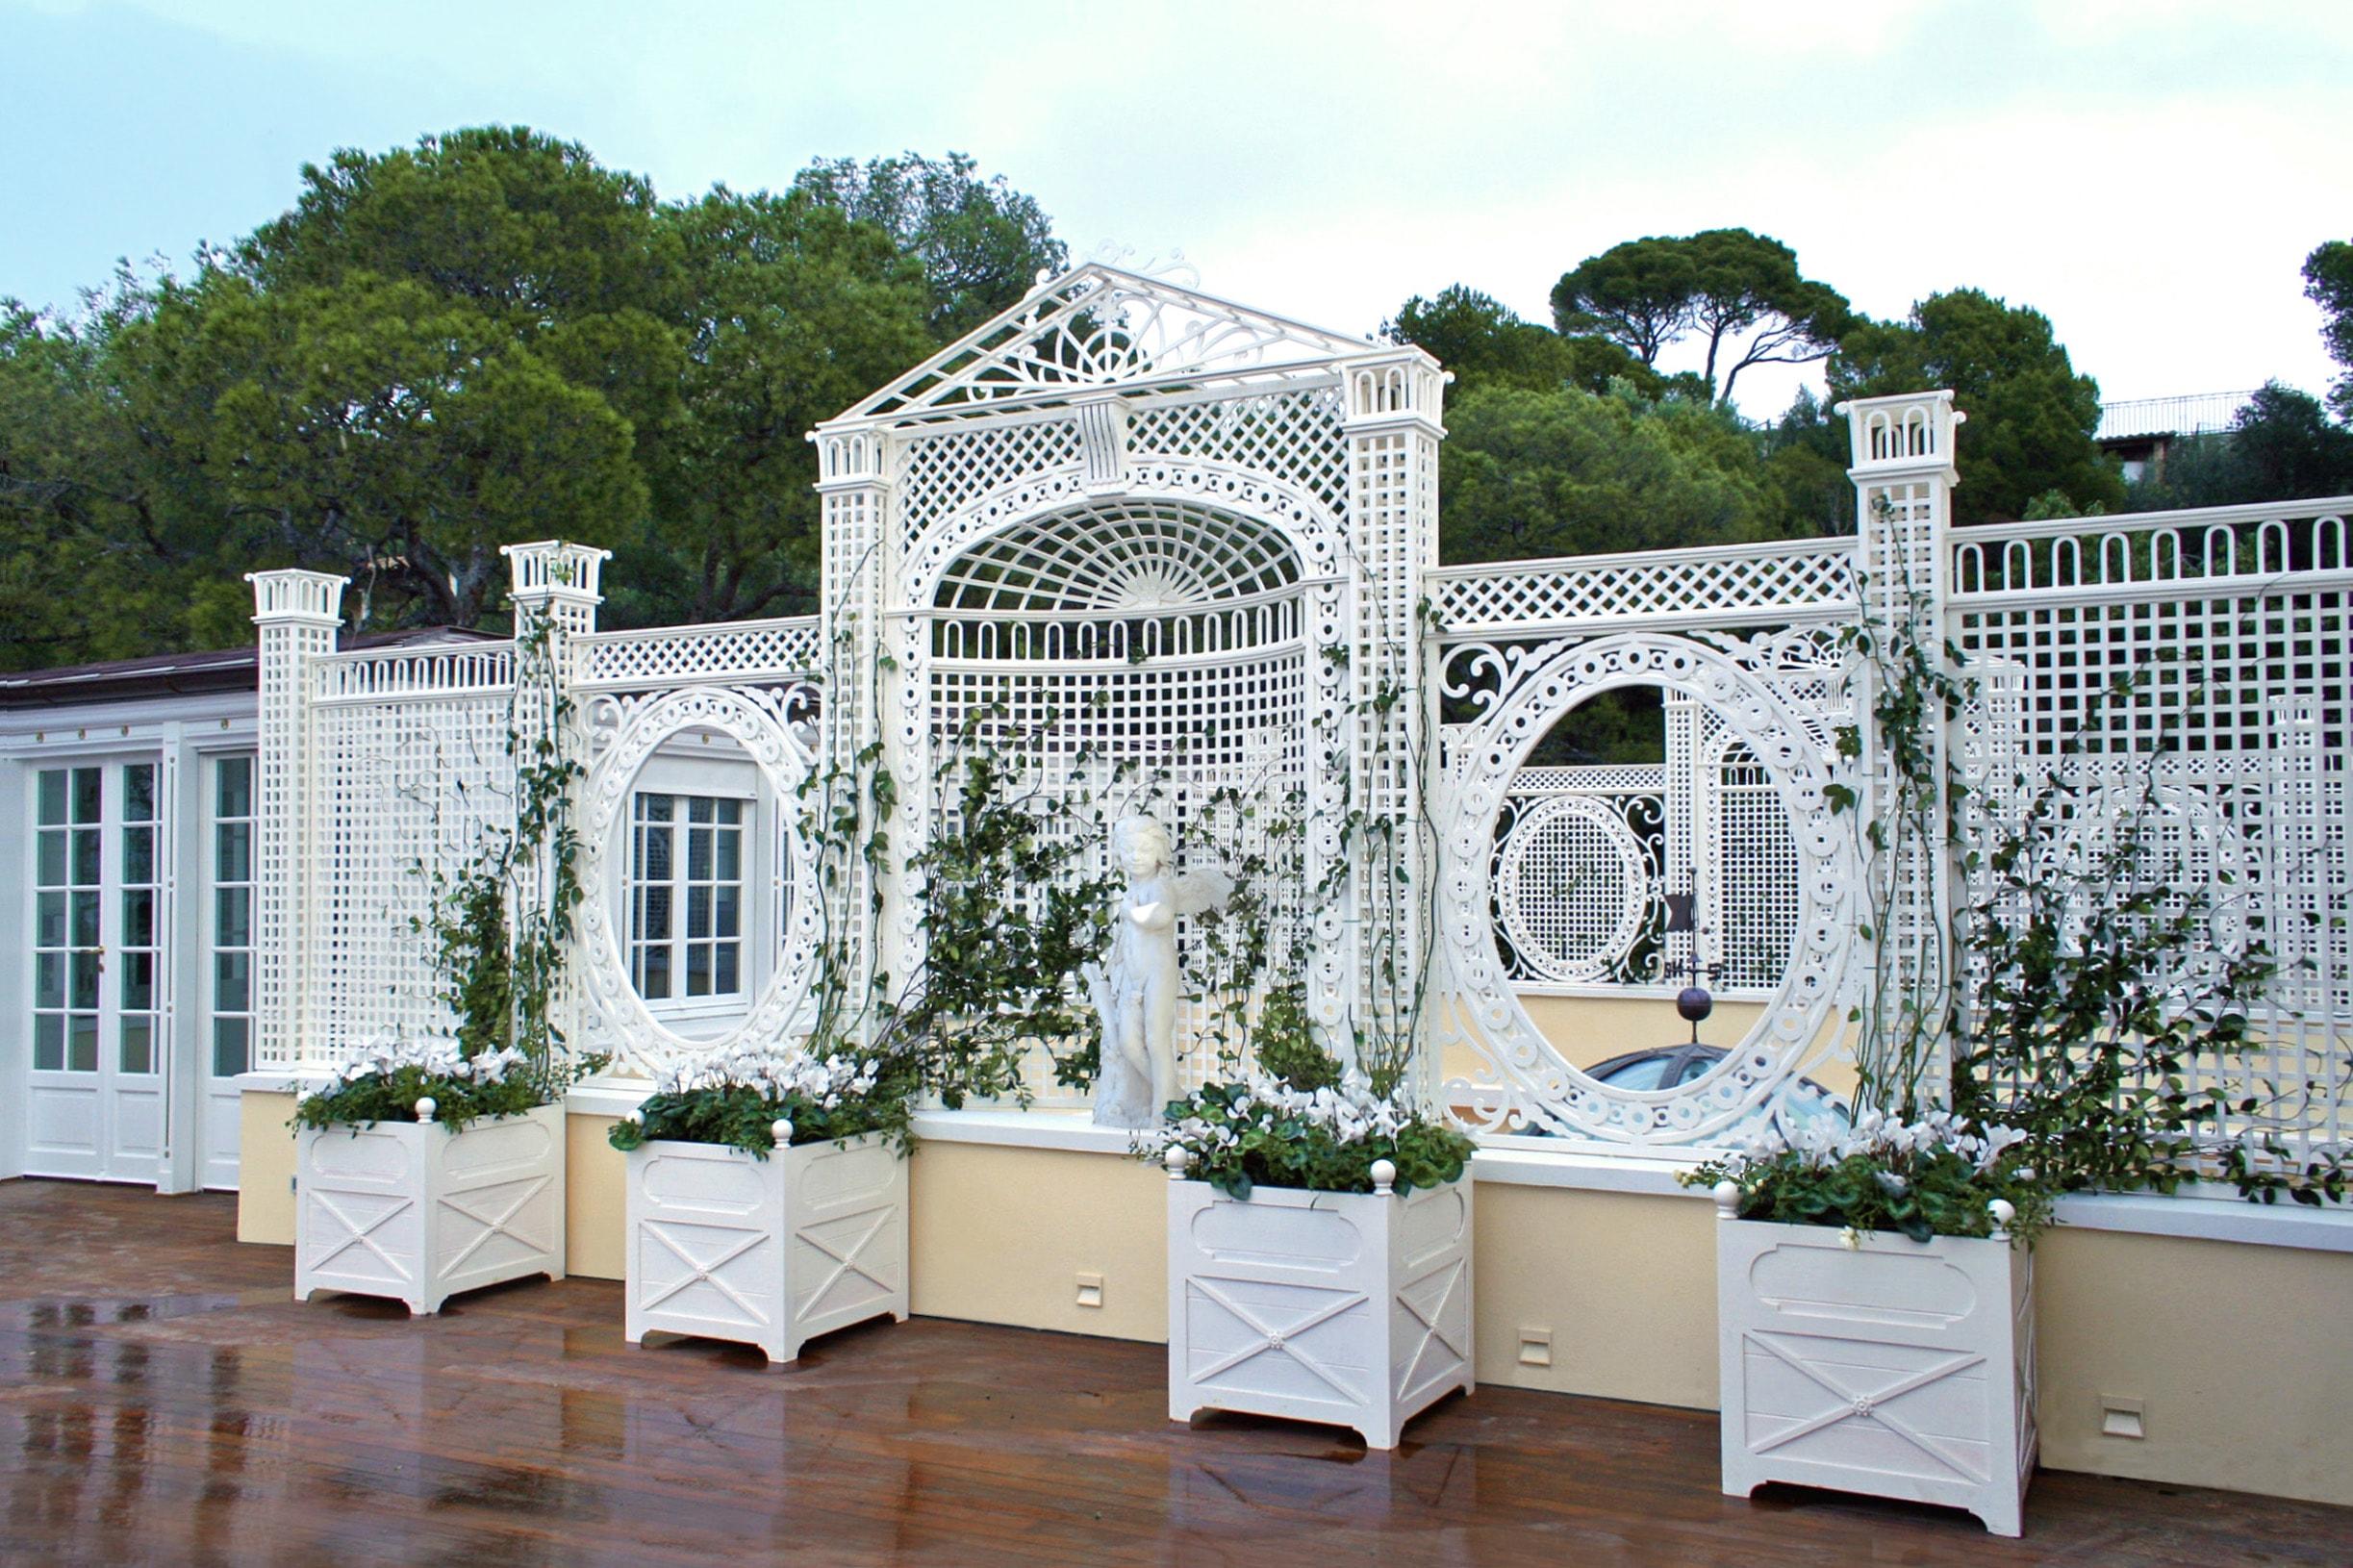 Allestimenti e arredi progettazione giardini soluzioni for Arredi d autore